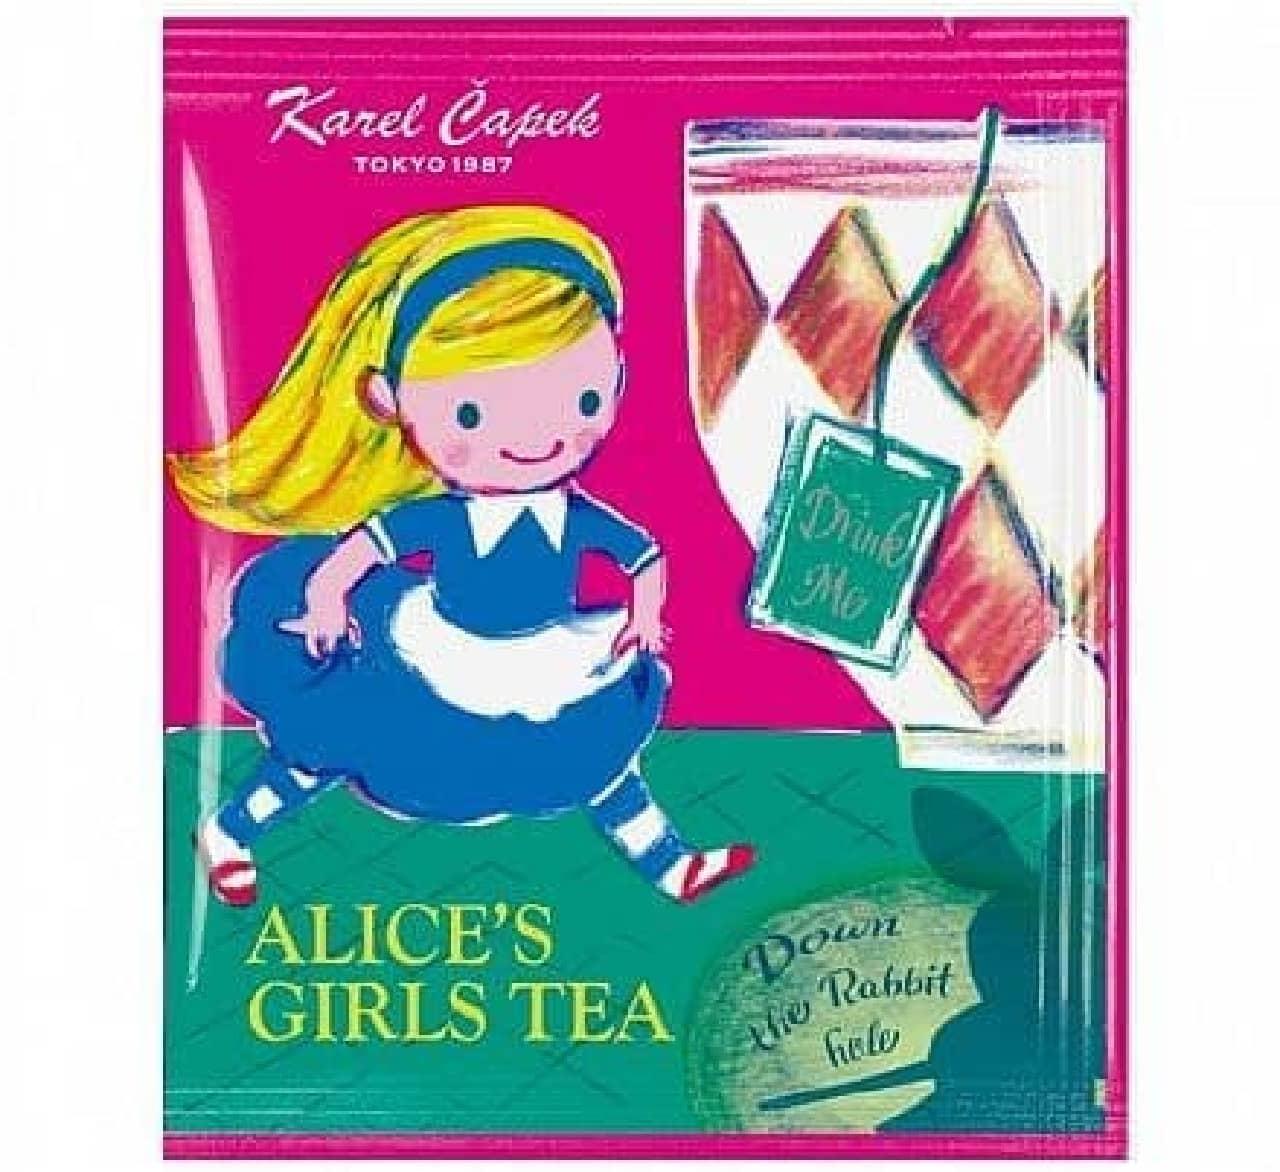 カレルチャペック紅茶店「ALICE'S GIRLS TEA」